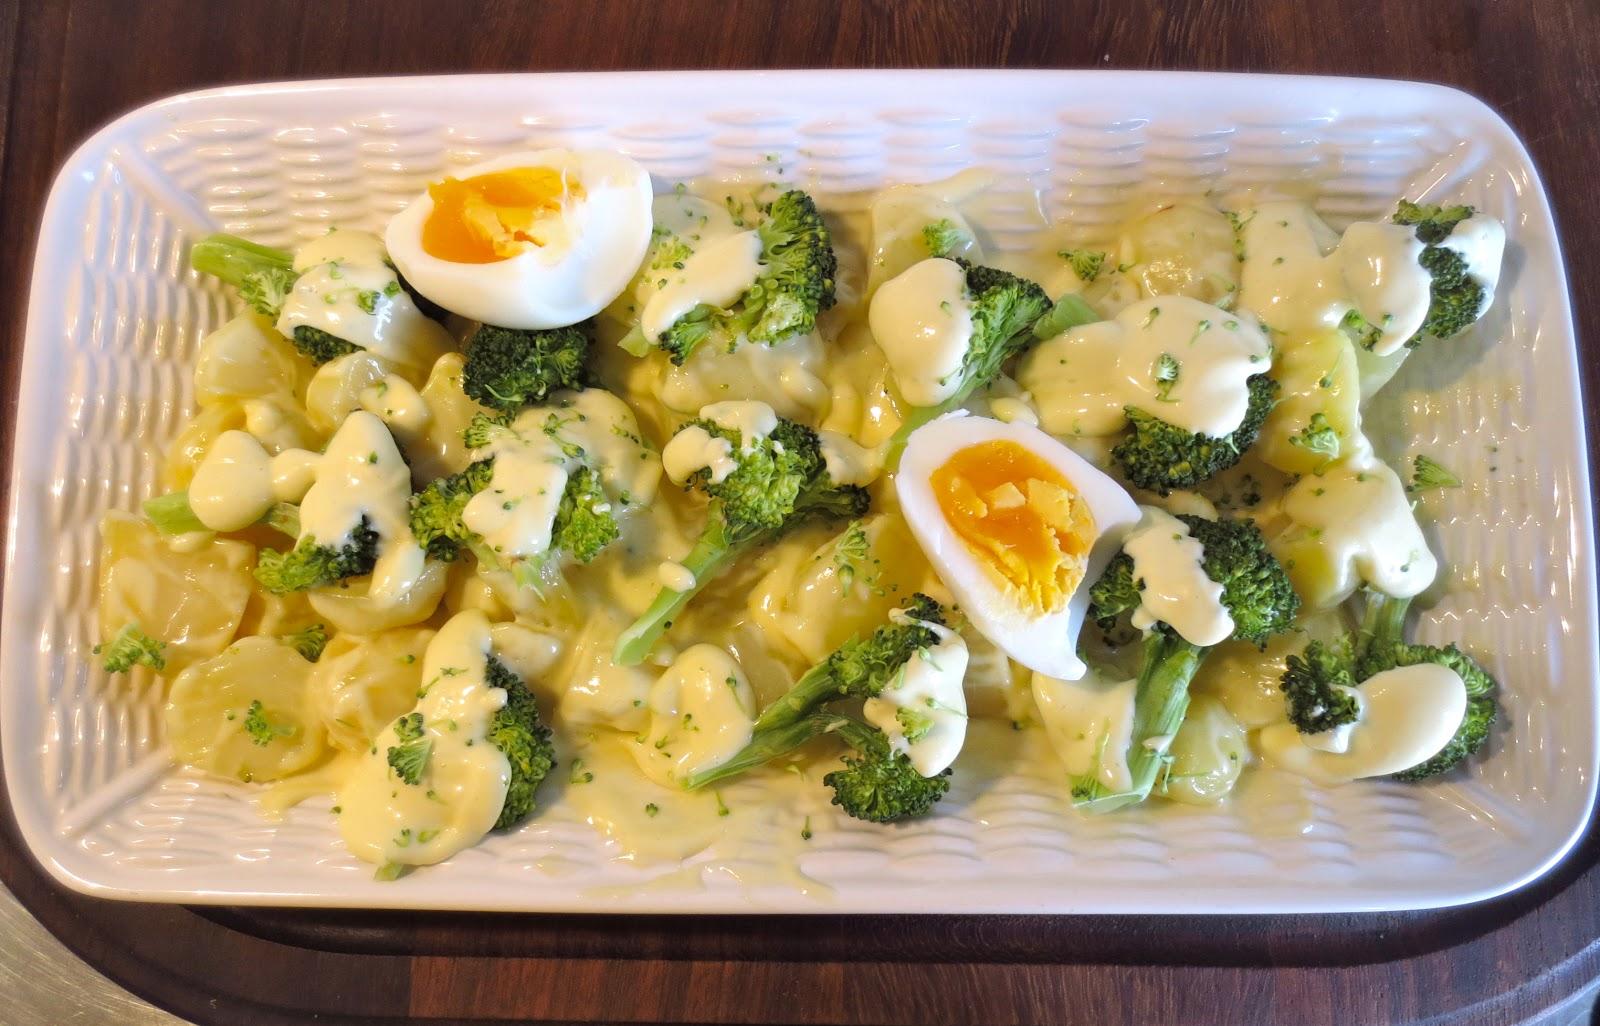 Mamuchi en la cocina ensalada de patata y brocoli al vapor y en microondas - Cocina al vapor microondas ...